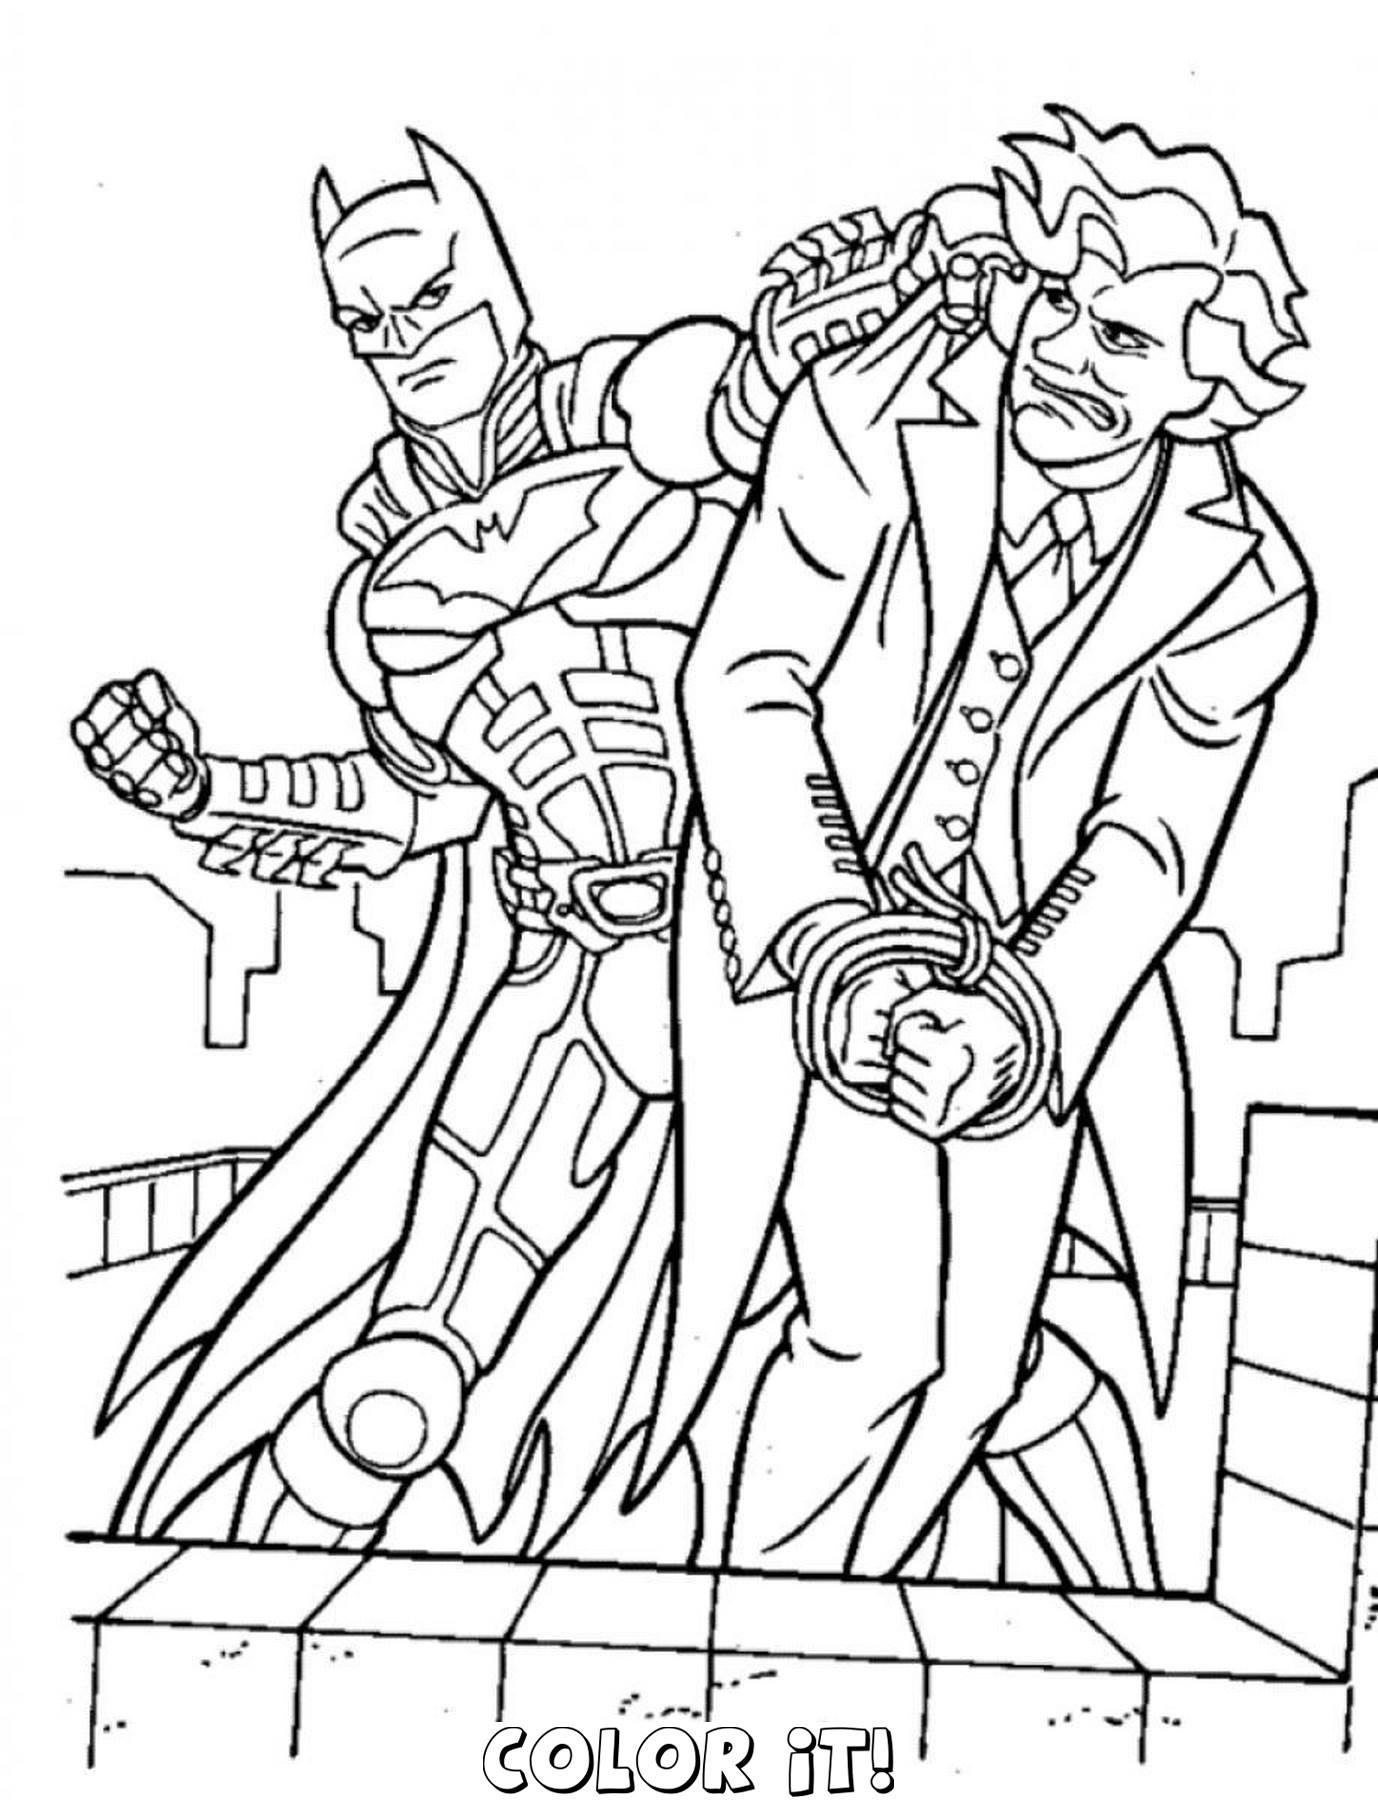 Cool Batman Coloring Pages